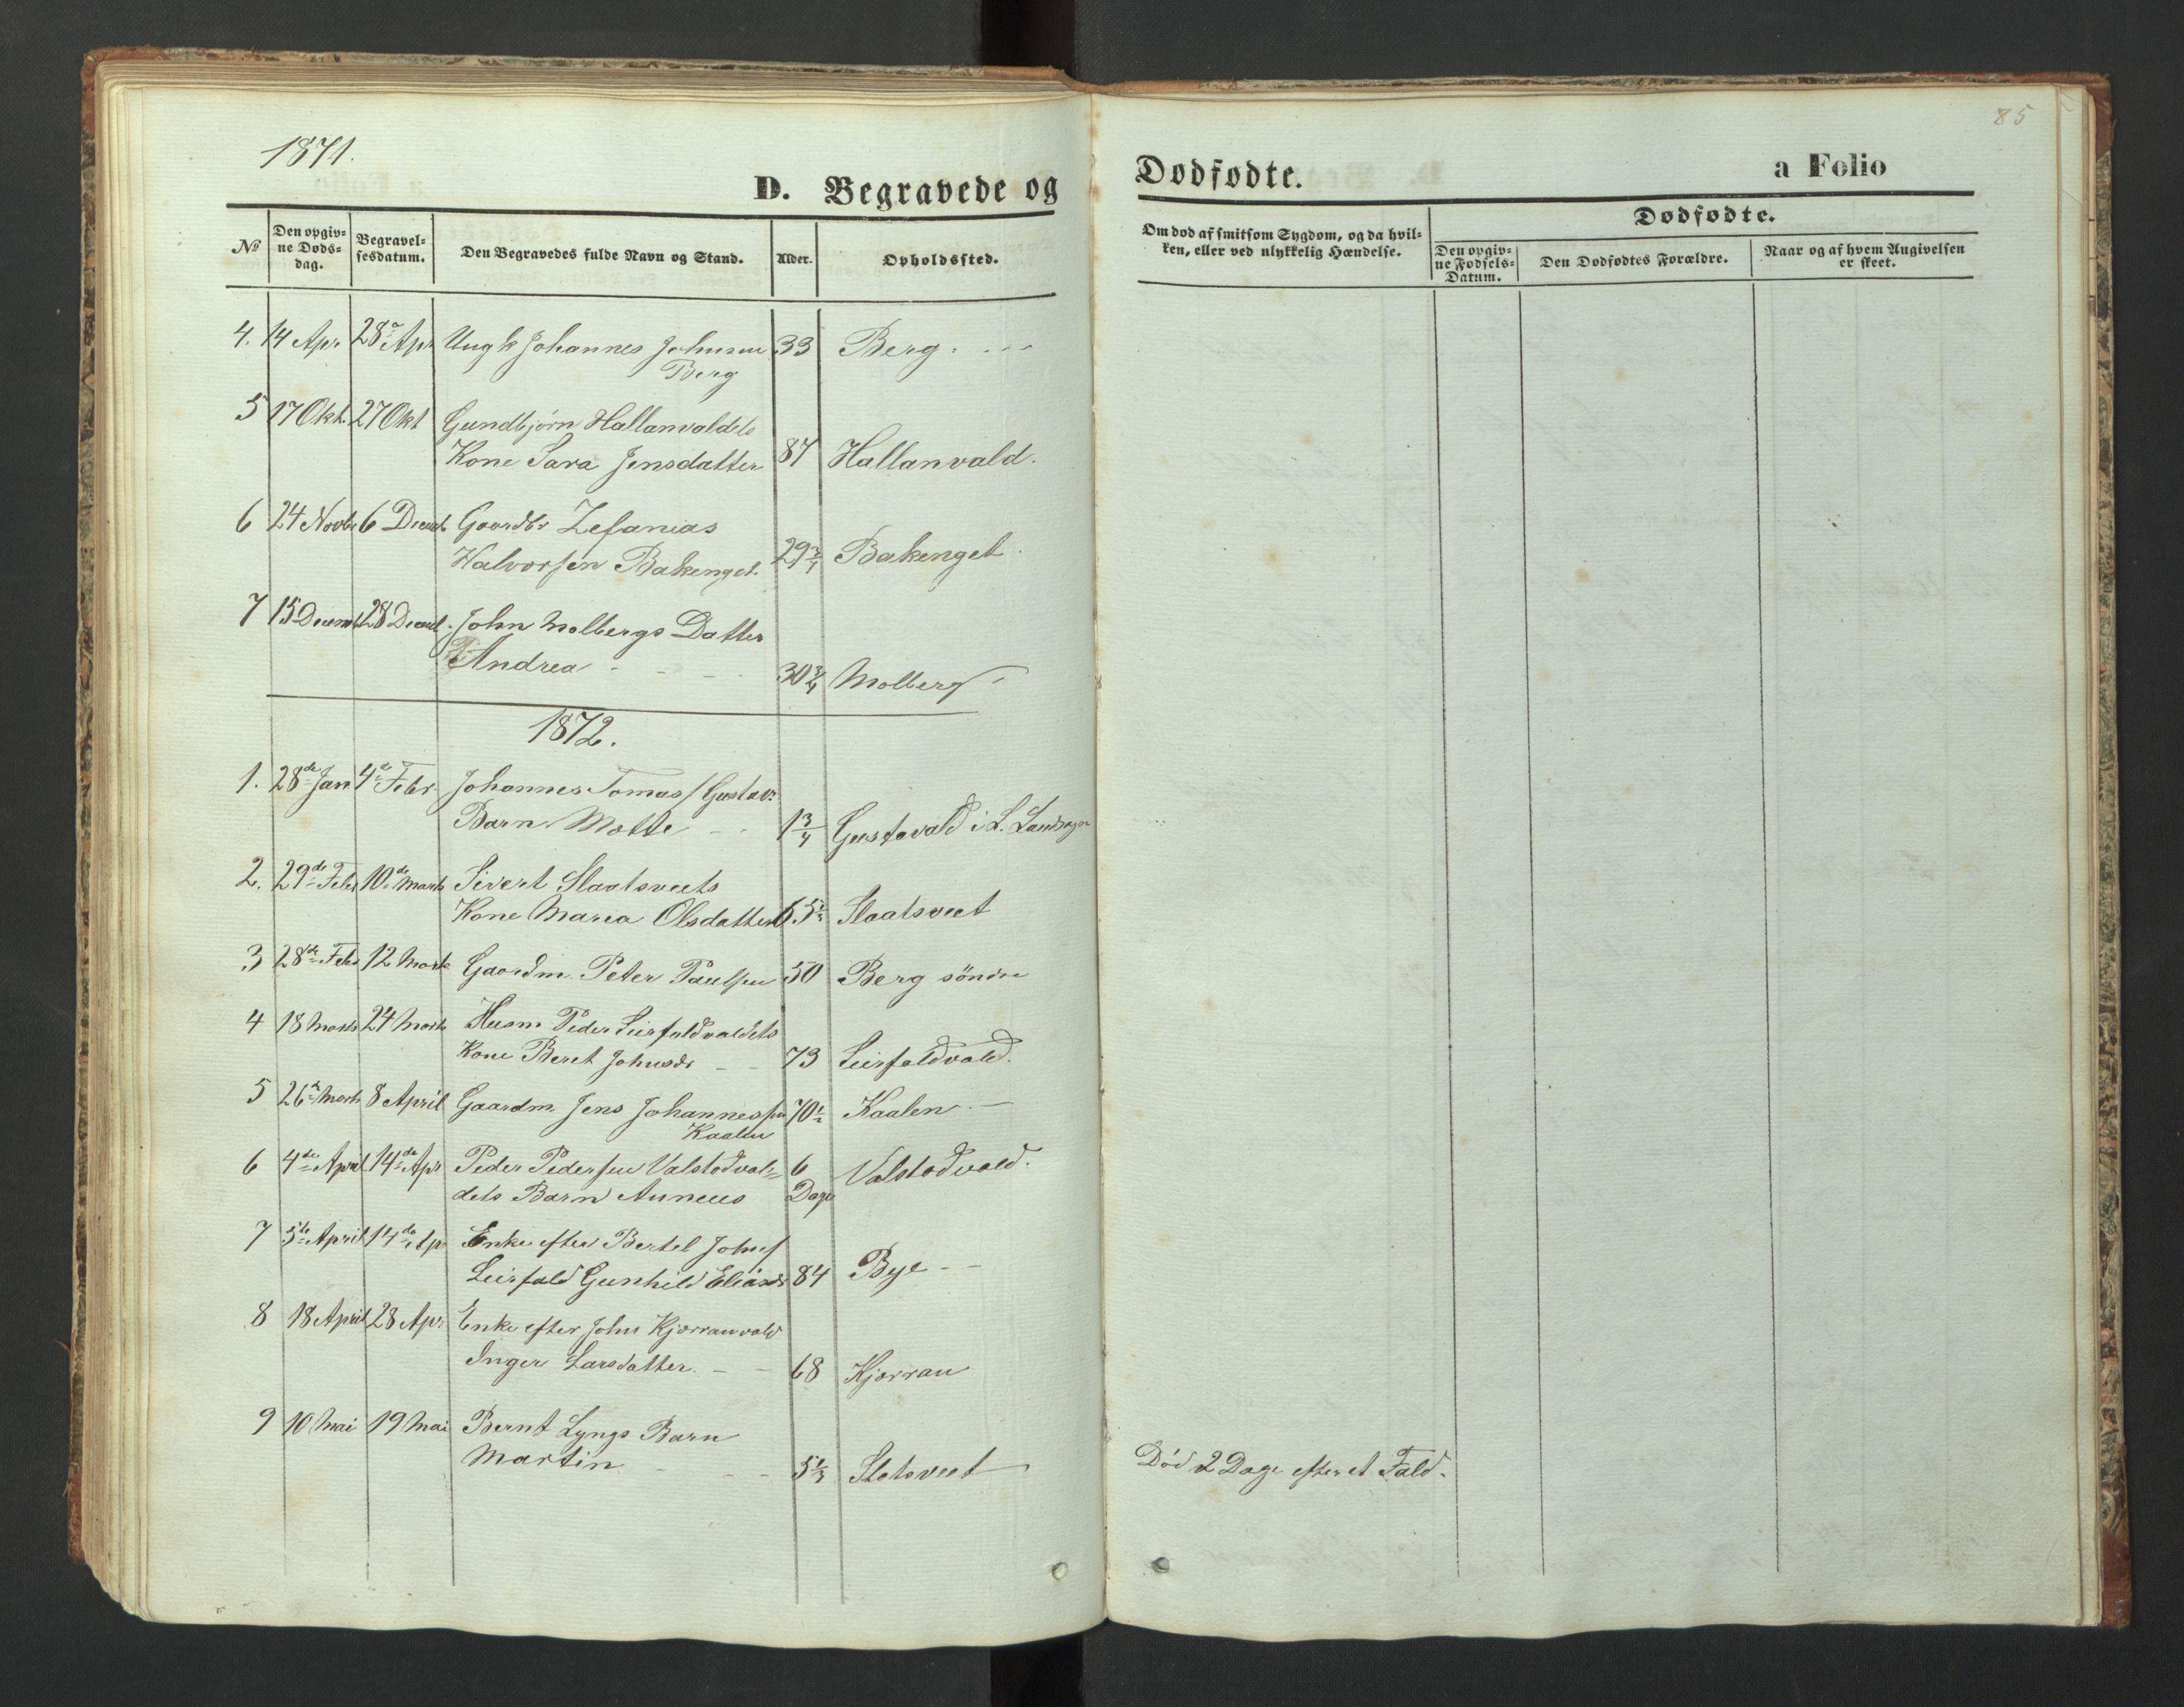 SAT, Ministerialprotokoller, klokkerbøker og fødselsregistre - Nord-Trøndelag, 726/L0271: Klokkerbok nr. 726C02, 1869-1897, s. 85